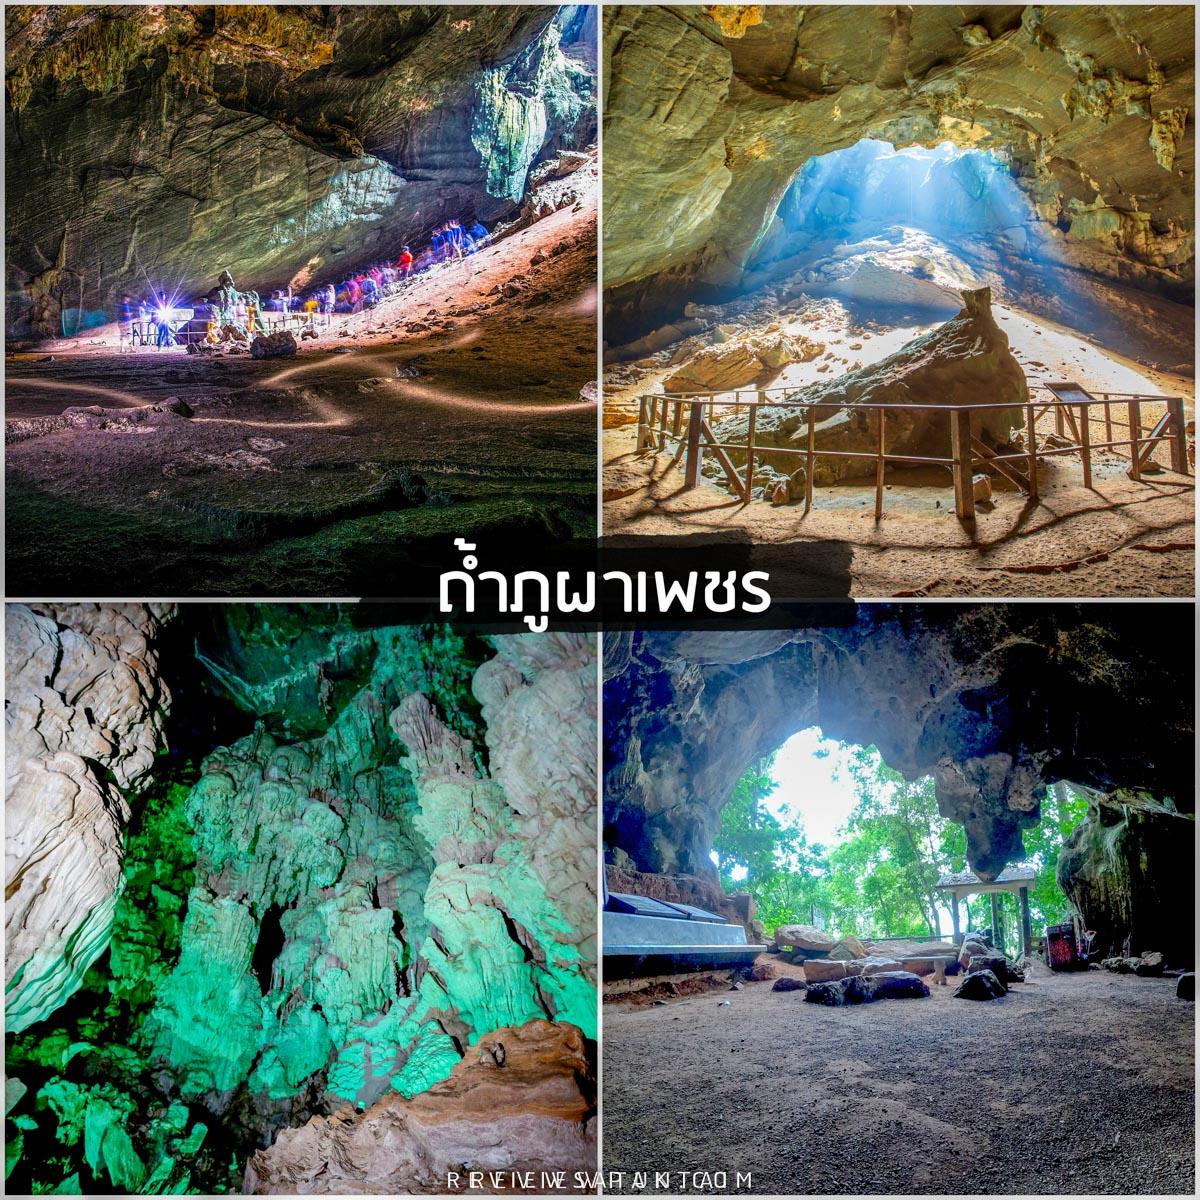 ถ้ำภูผาเพชร-ถ้ำที่ใหญ่ติดอับดับ4ของโลกและมีพื้นที่กว่า50ไร่-มีความสวยงามขอหินและเพดานถ้ำที่แปลกตาพลาดไม่ได้แล้วว-รายละเอียด-คลิก  จุดเช็คอิน,หลีเป๊ะ,สตูลสดยกกำลังสาม,satunwonderland,เที่ยวเมืองไทยAmazingกว่าเดิม,ชีพจรลงSouth